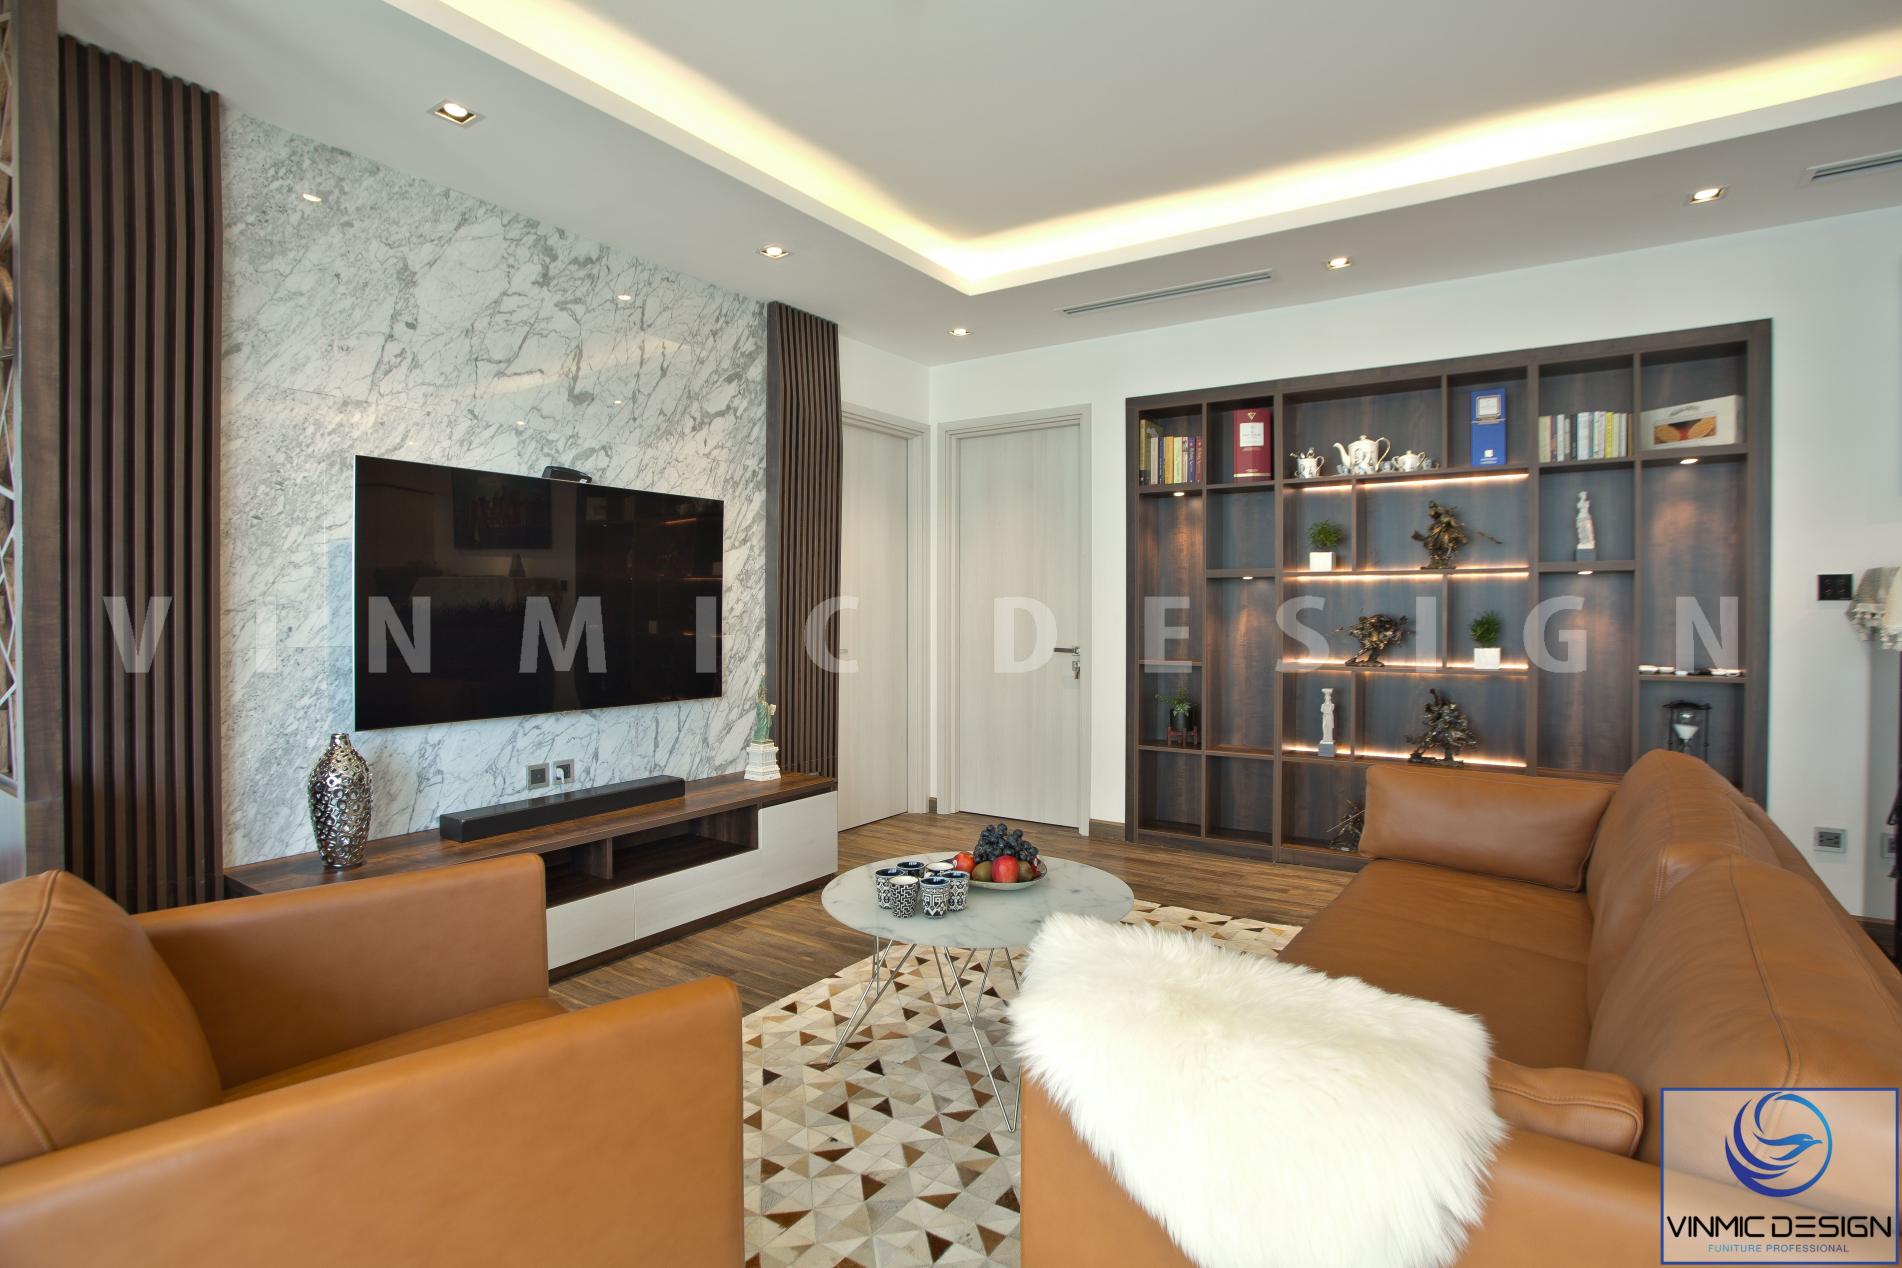 Thi công nội thất phòng khách đẹp tại chung cư Imperia - Hà Nội